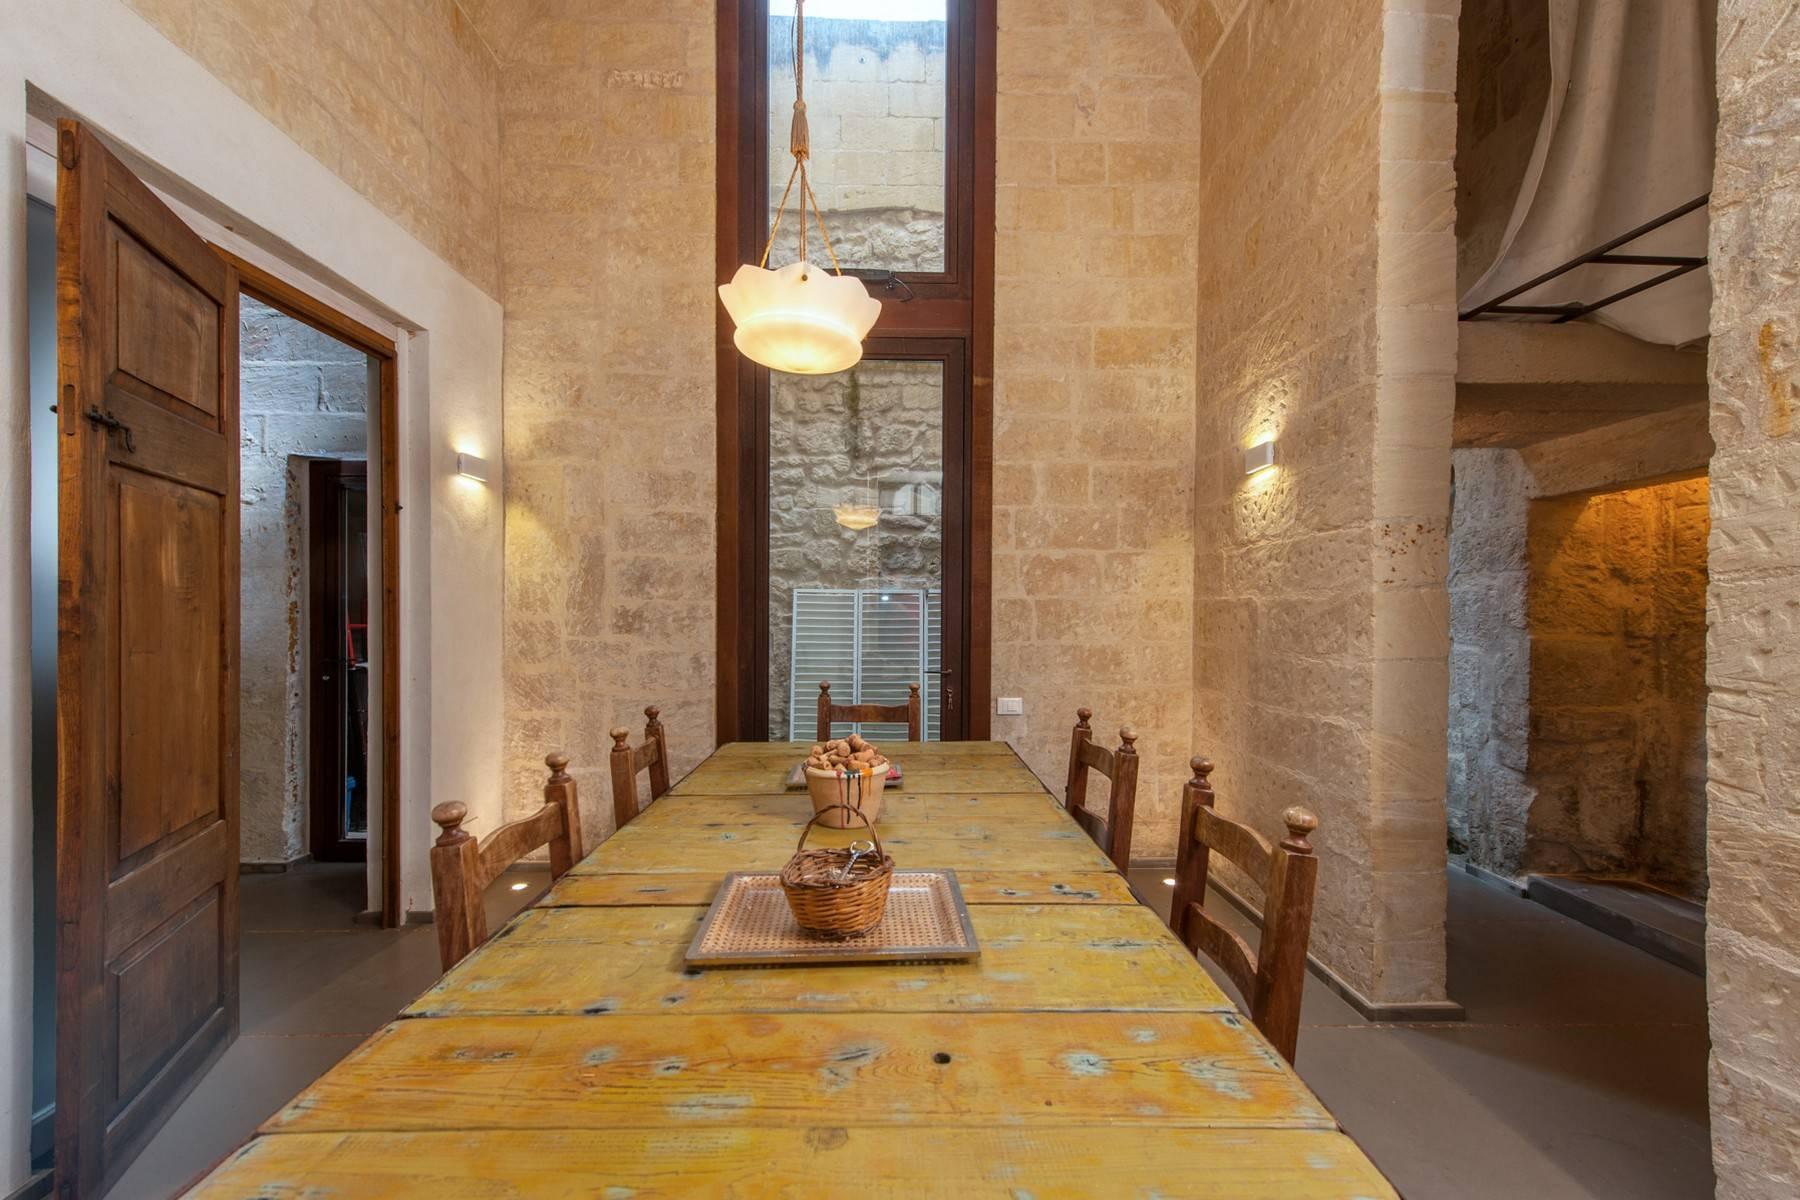 Casa indipendente in Vendita a Lecce: 5 locali, 180 mq - Foto 4